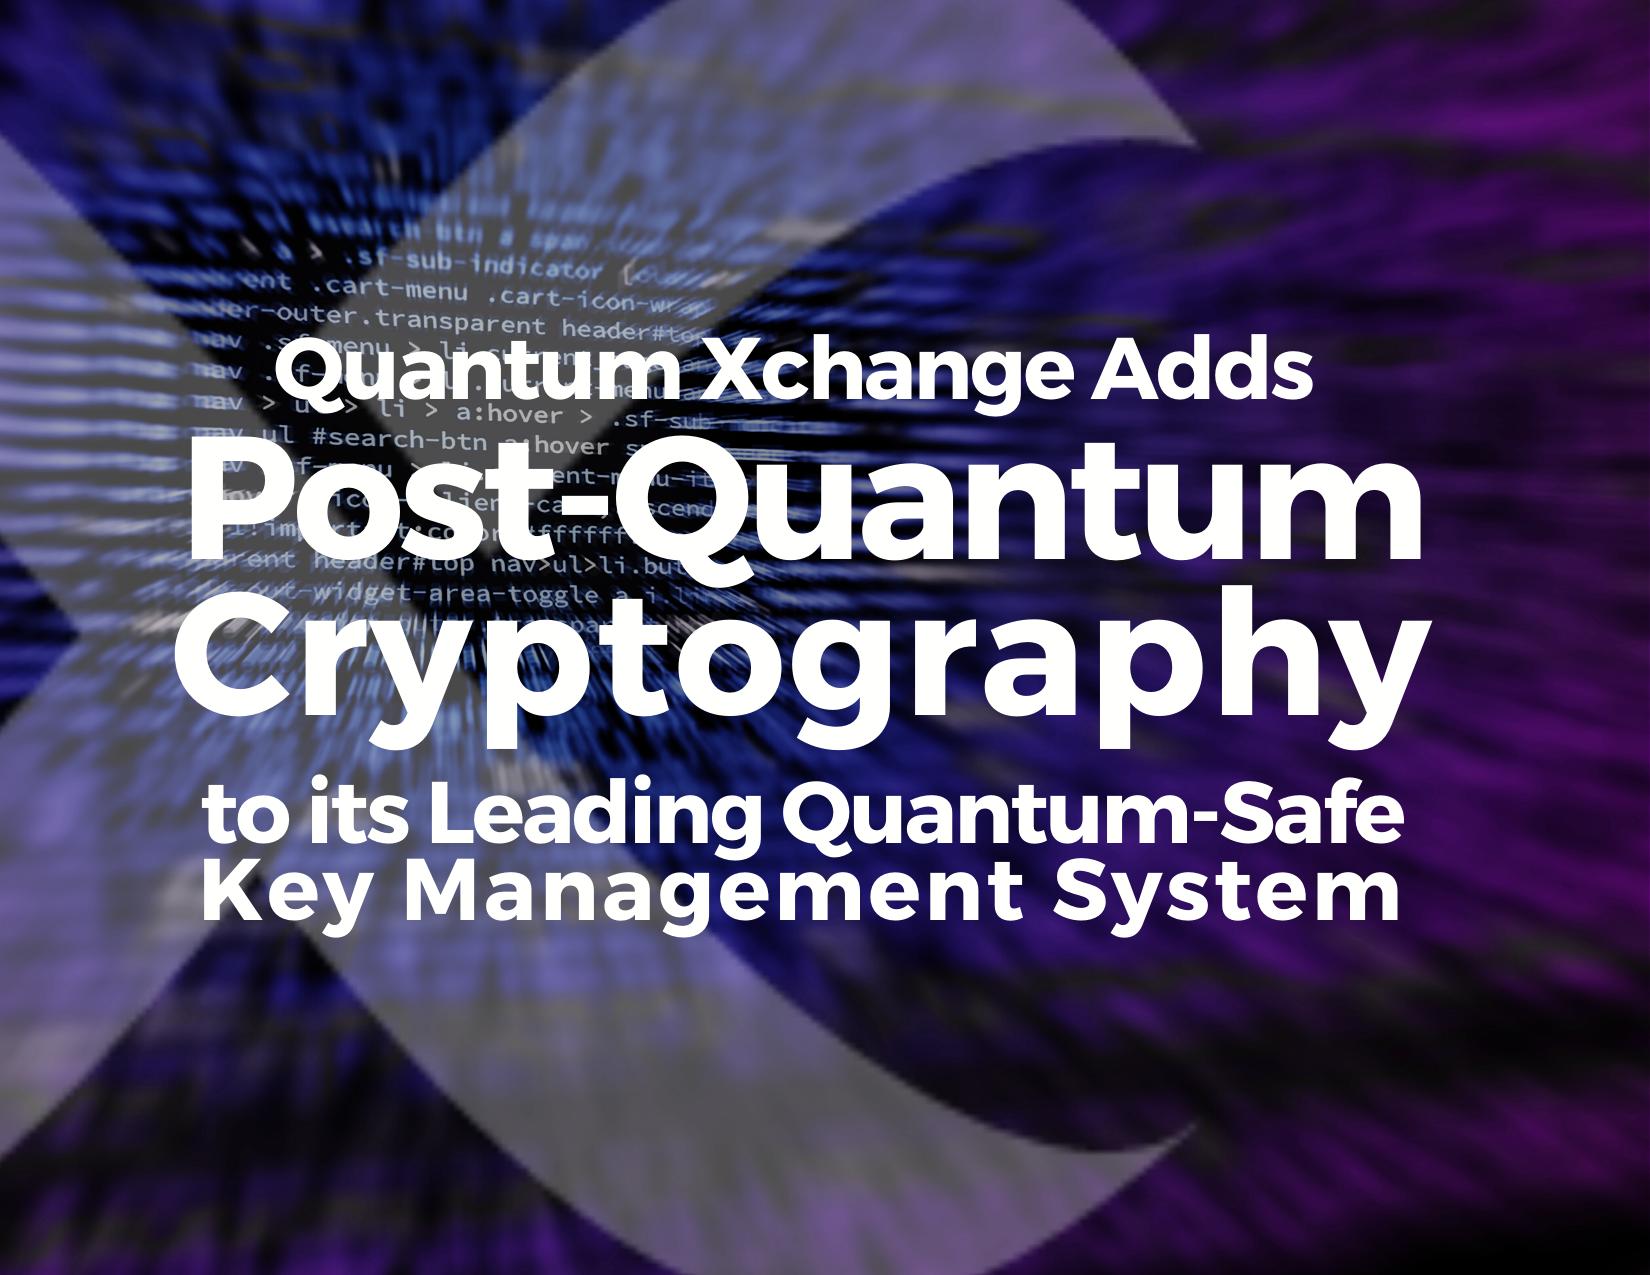 post-quantum crypto